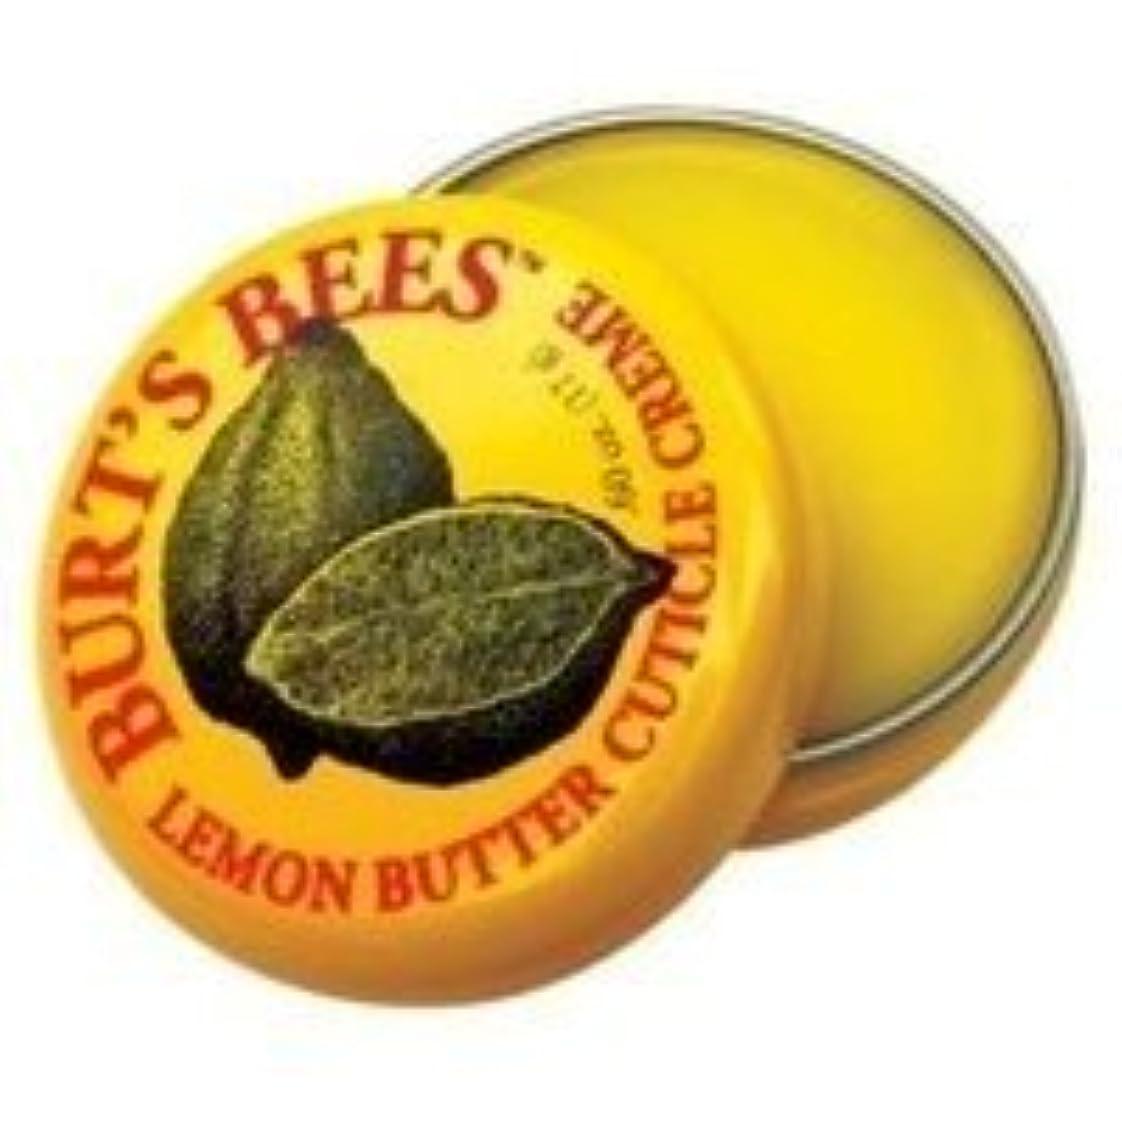 許す麺練るバーツビー(バーツビーズ) レモンバターキューティクルクリーム 17g 2個セット